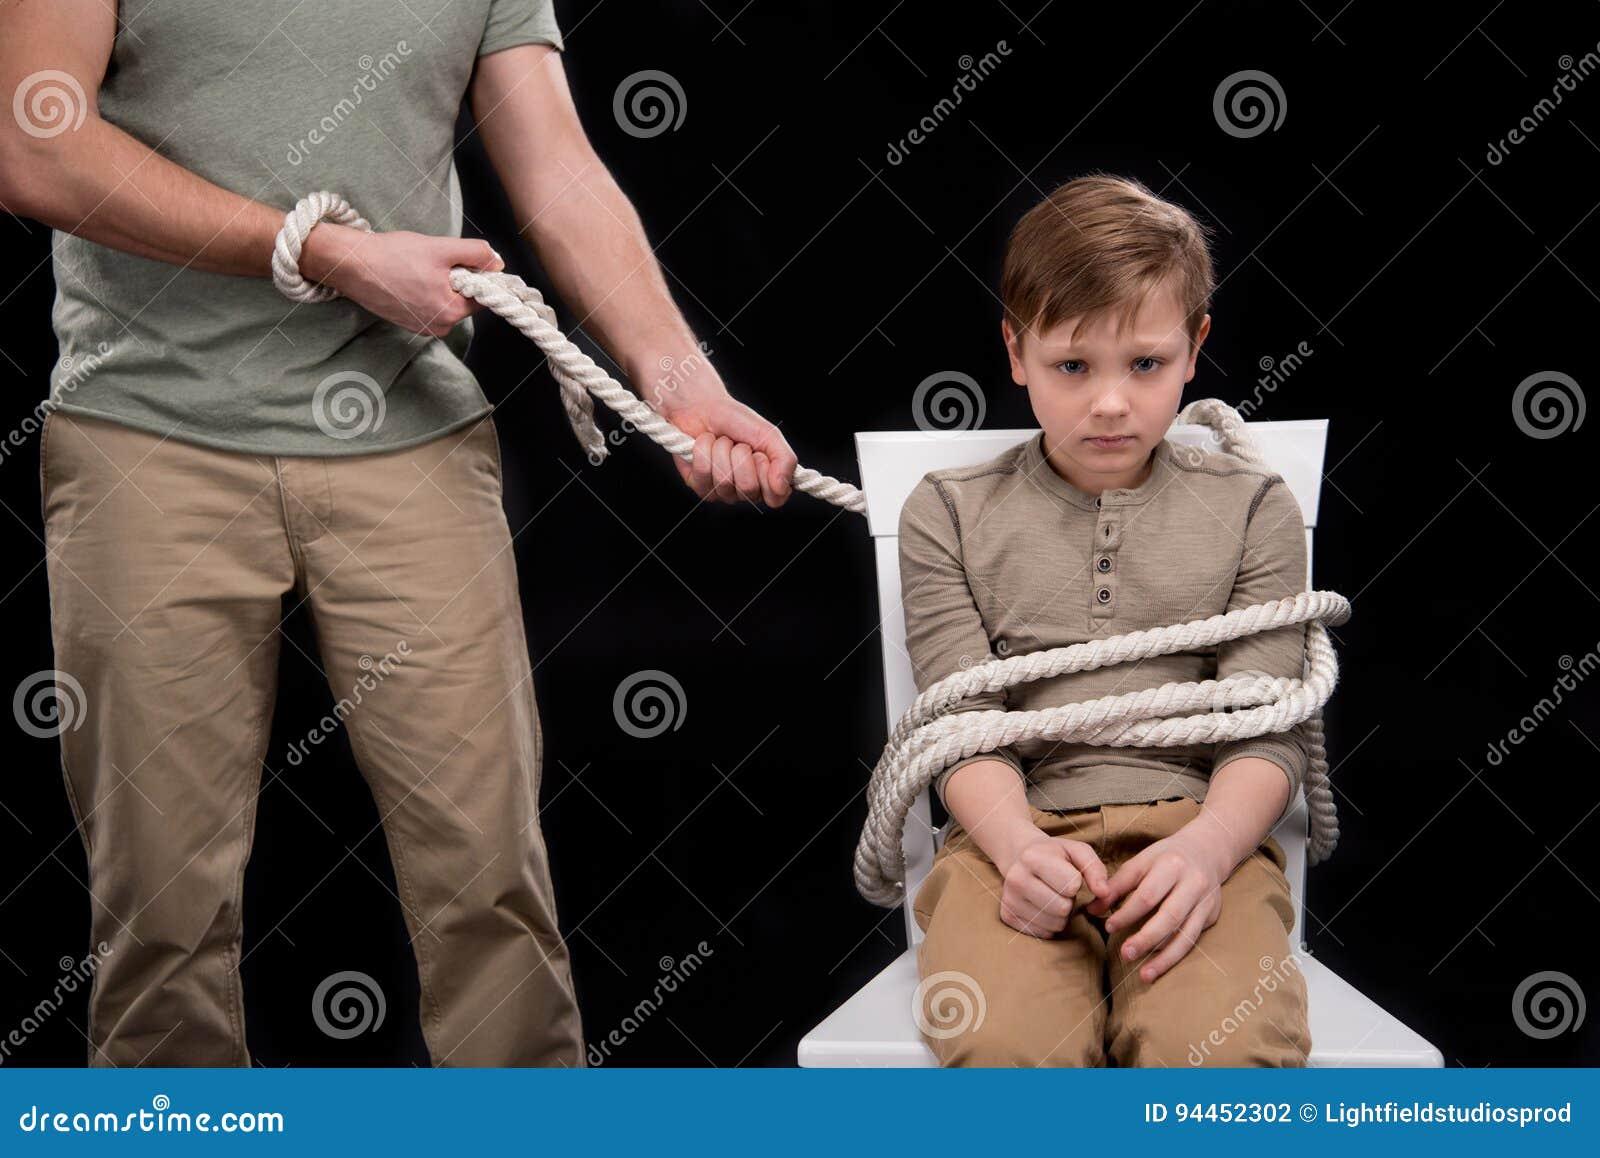 Друг связал друга веревкой на стуле